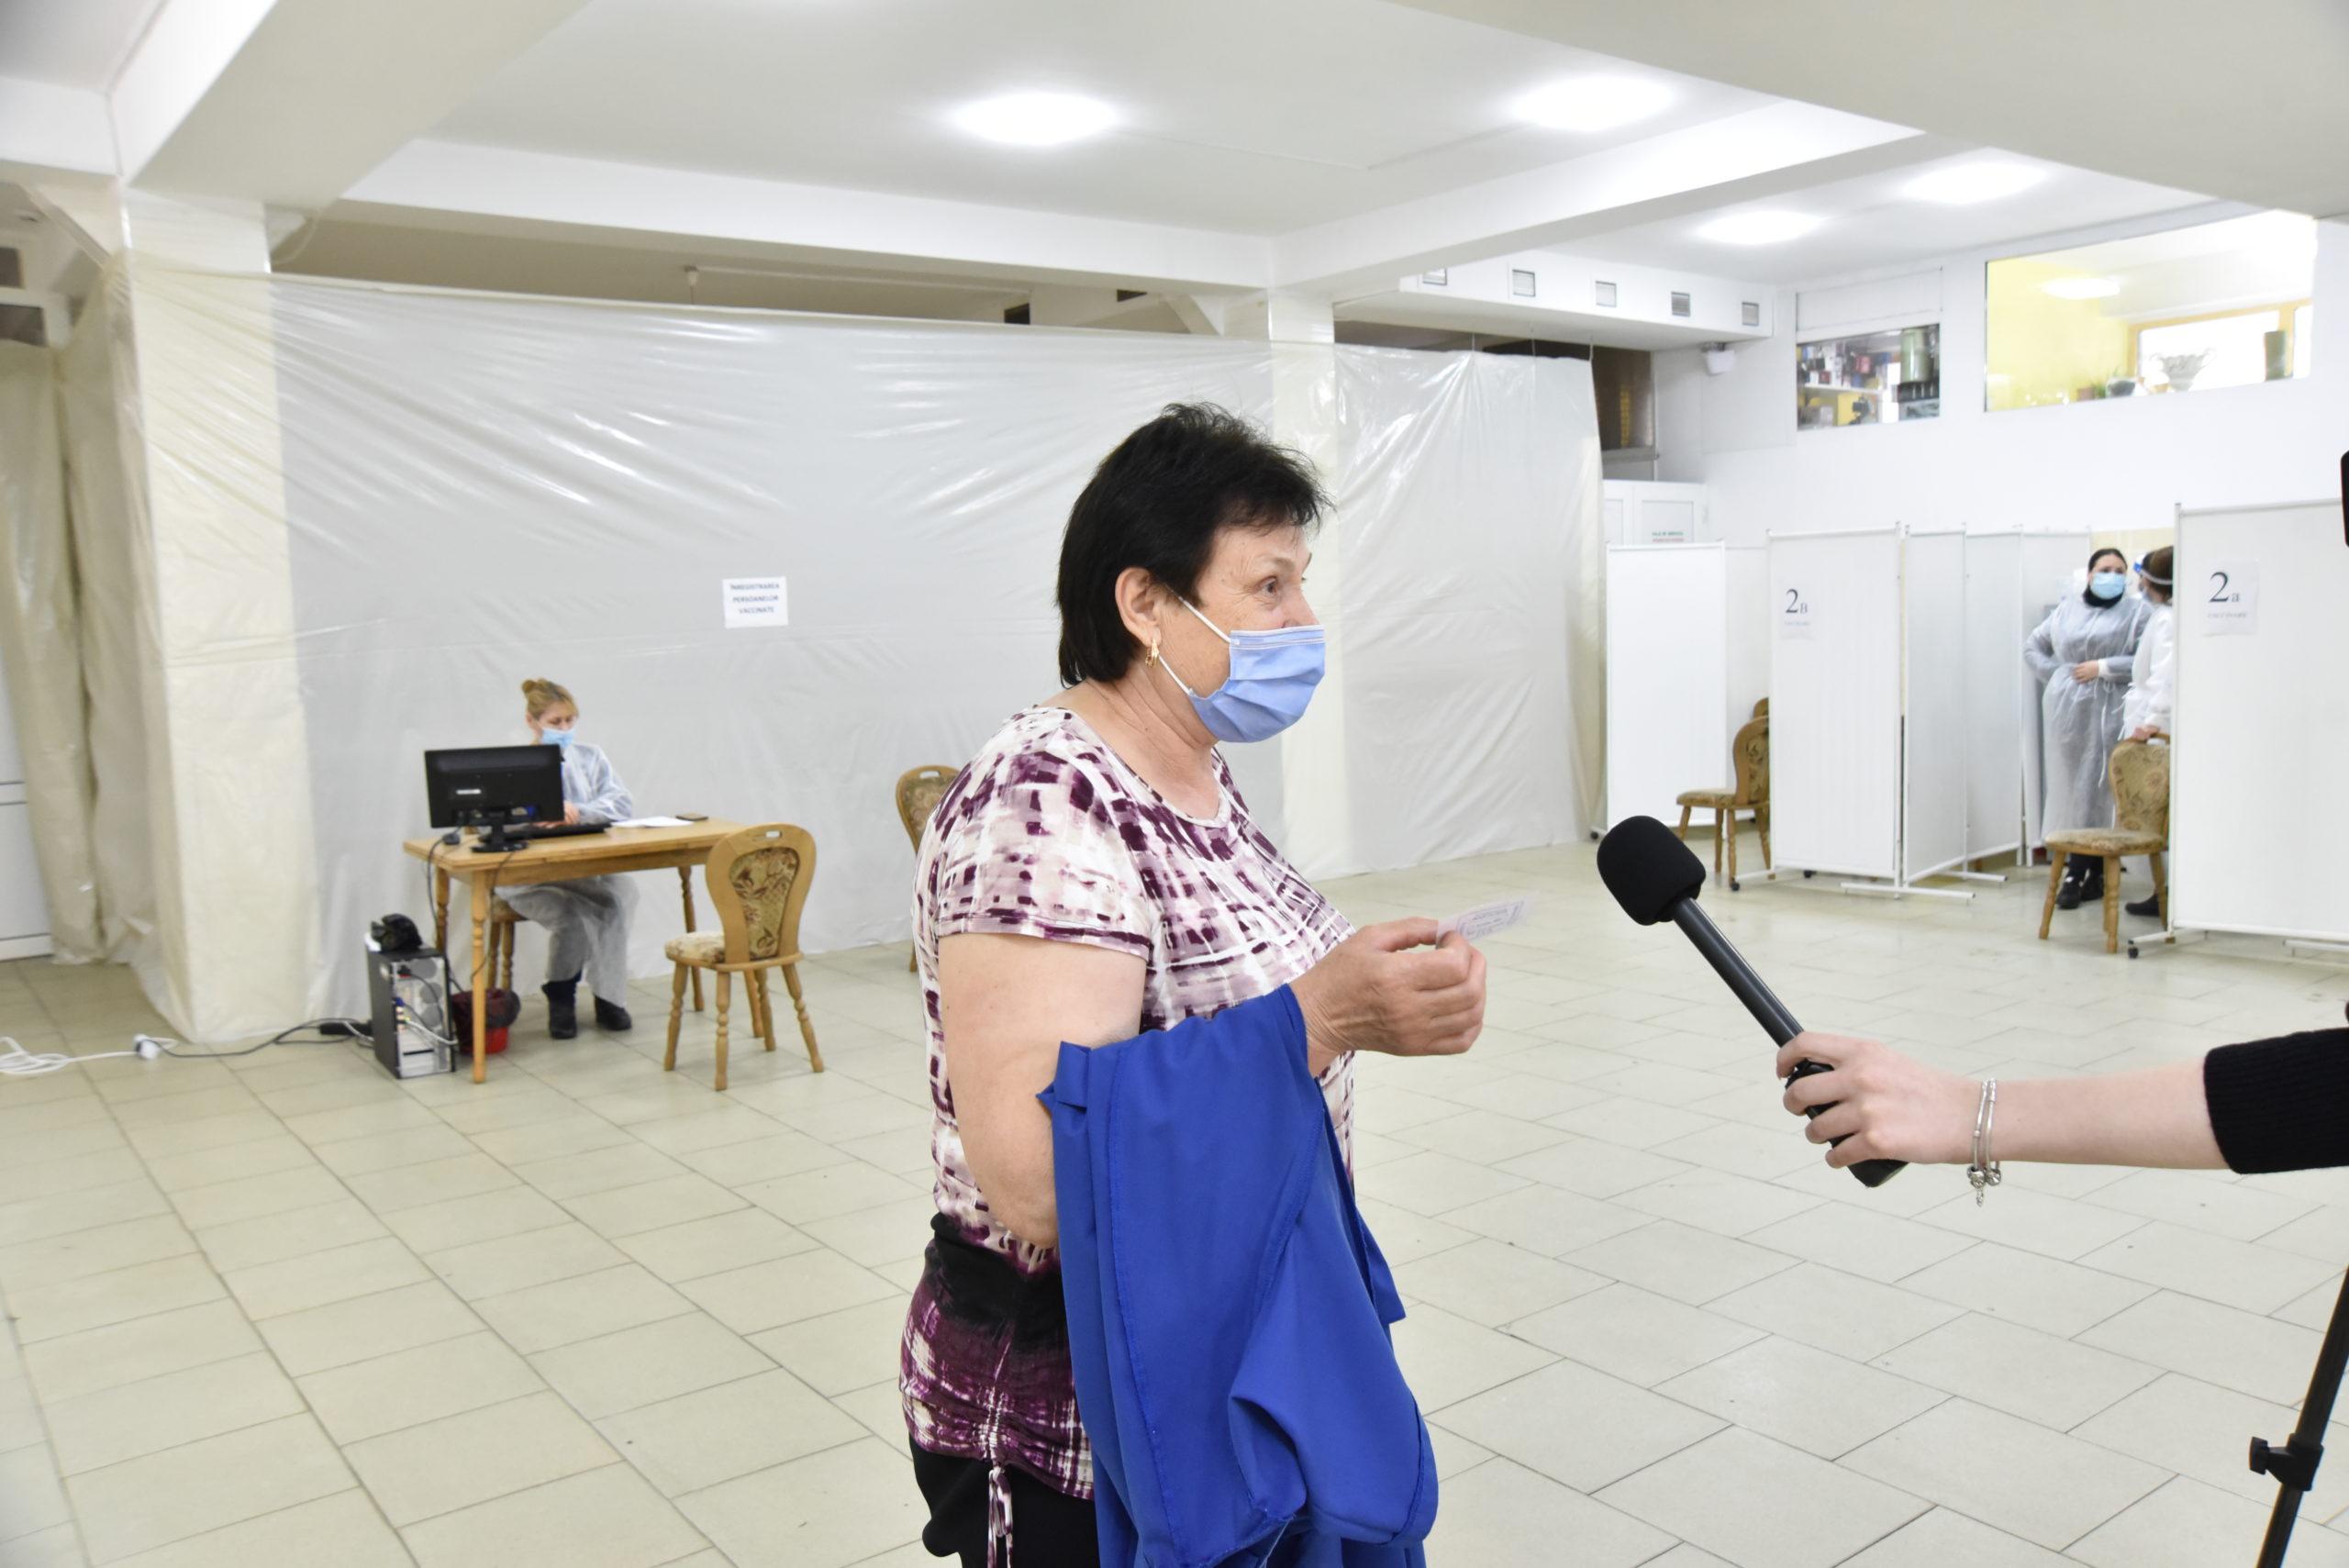 Как проходит вакцинация от коронавируса на Центральном рынке в Кишиневе. Фоторепортаж NM